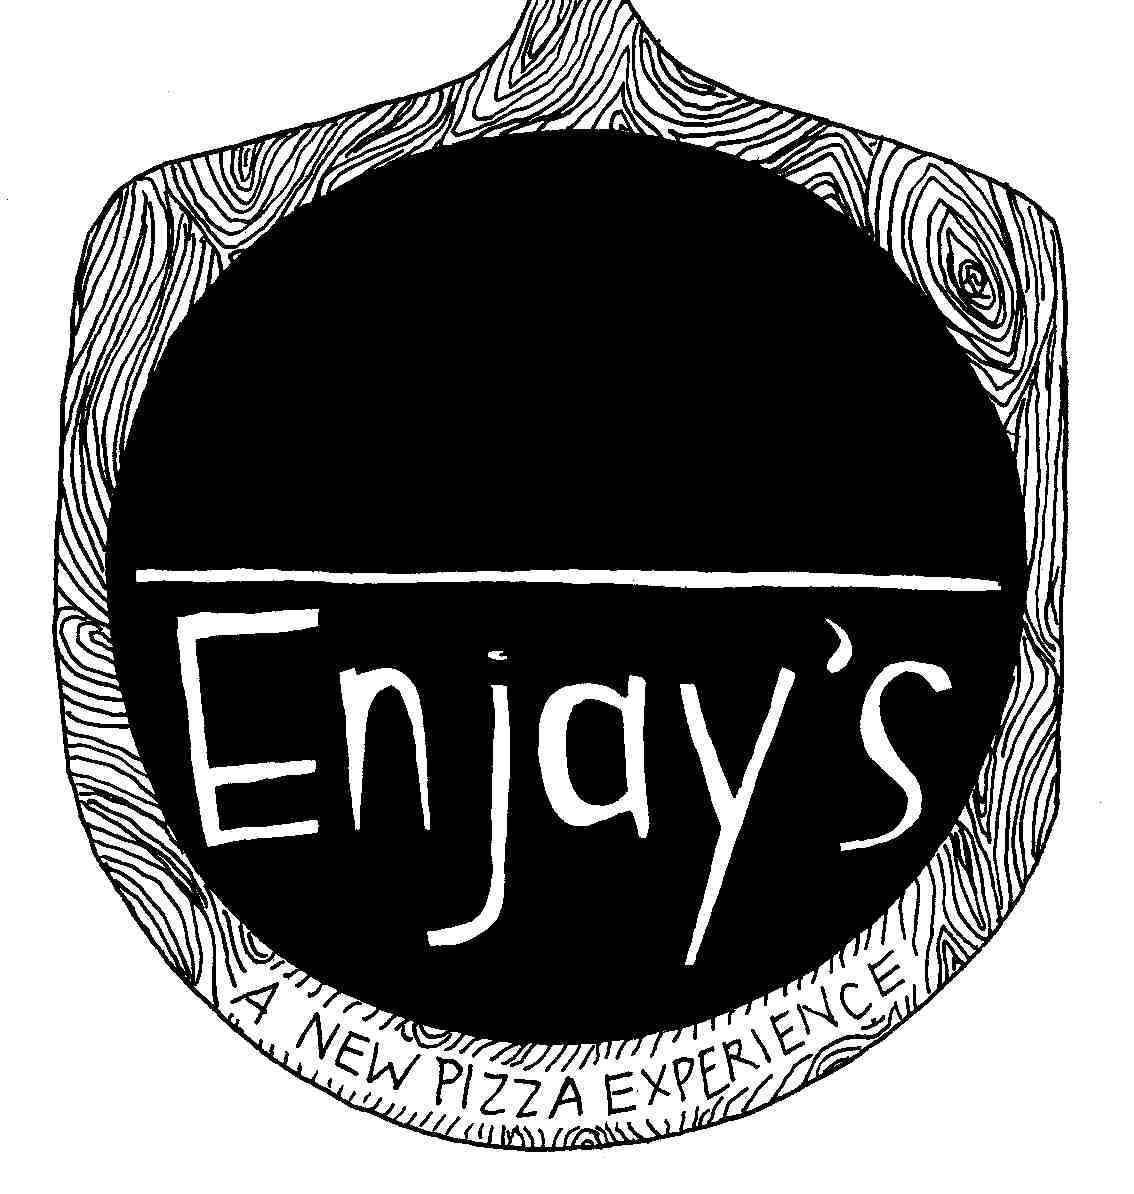 Enjay's Pizza